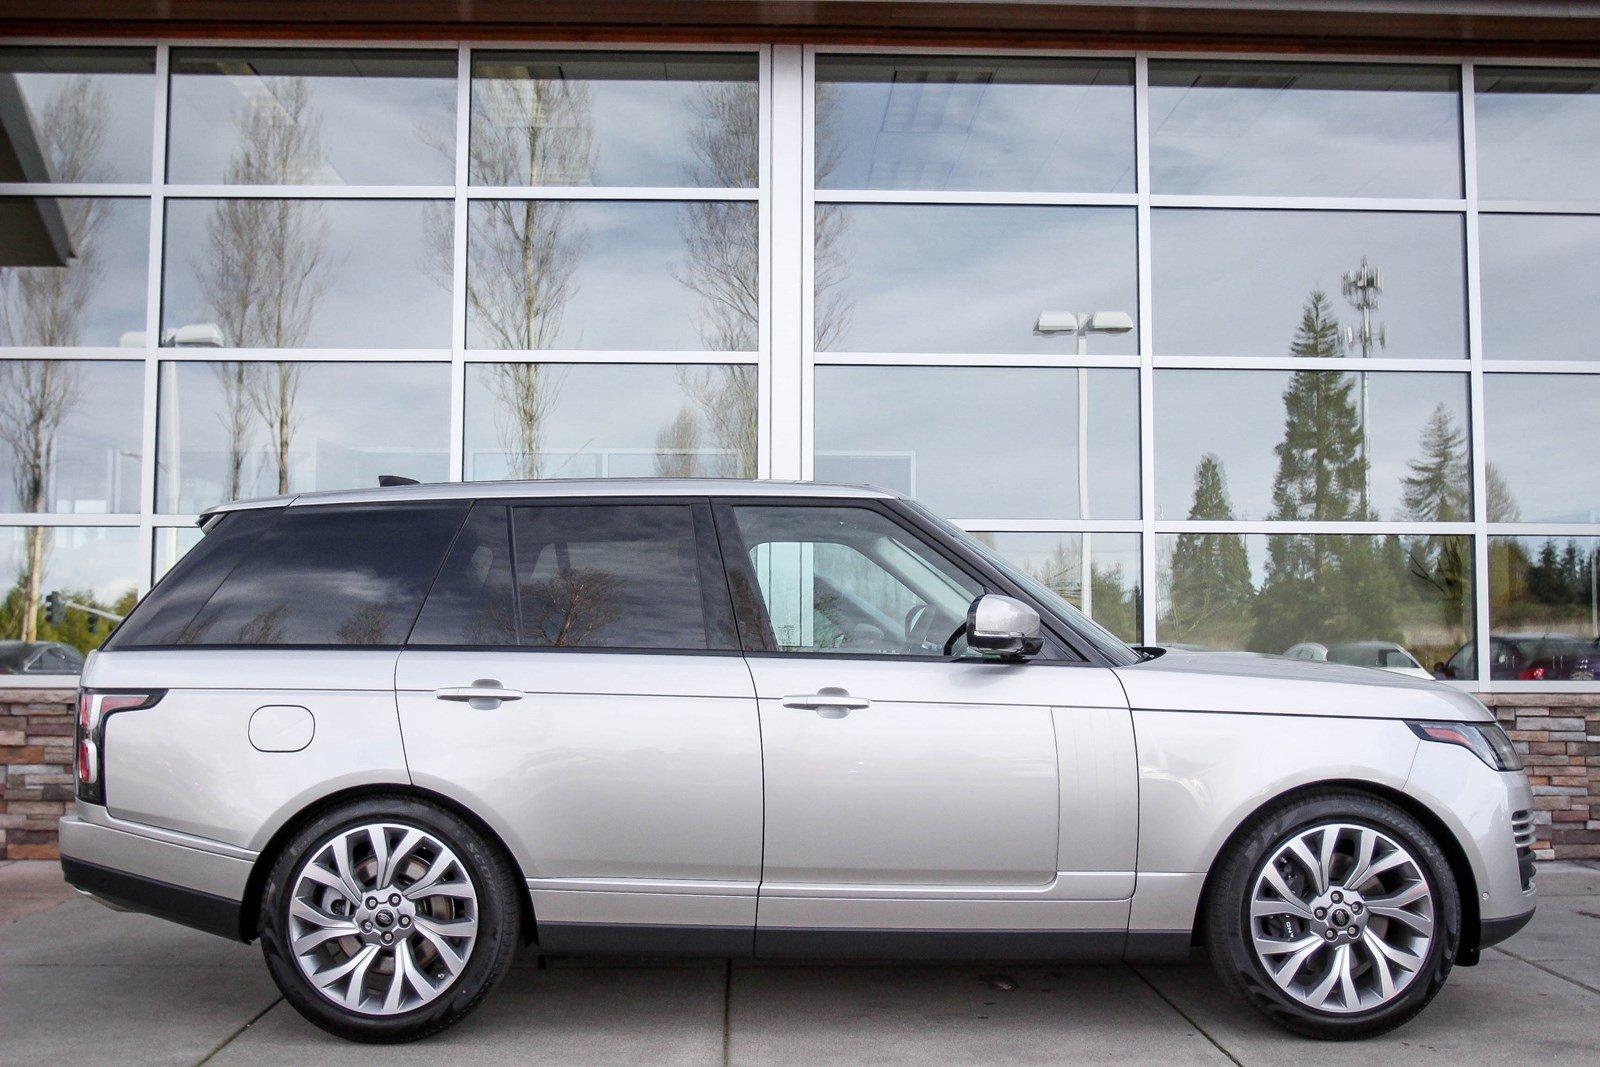 Xe Range Rover HSE và Autobiography lwb Khác Nhau Về Giá Và Option, Những điểm khác biệt giữa 2 model của mẫu xe Landrover